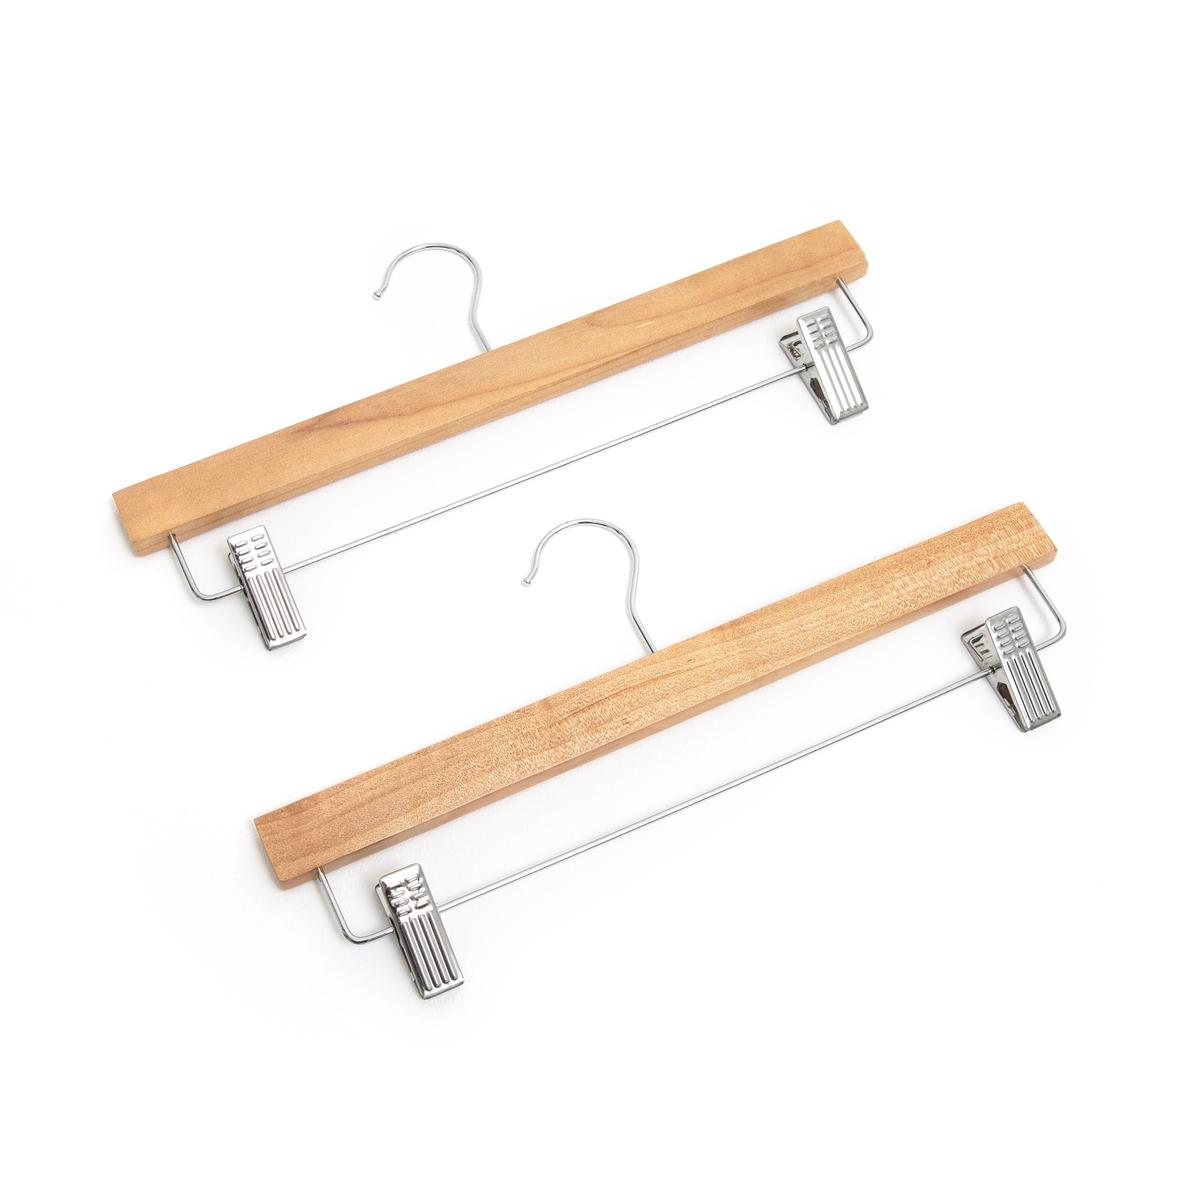 2 вешалки для юбок и брюкОписание:Комплект из 2 вешалок для юбок и брюк. Вешалки из металла и натурального дерева с регулируемыми по ширине зажимами позволят с легкостью повесить ваши вещи.Характеристики вешалок : Из металла и натурального дерева2 зажима с противоскользящим покрытием регулируются по ширине до 30,5 смРазмеры вешалок :Ширина : 35 см Толщина: 2,5 см Высота: 17 см  Размеры и вес упаковки :1 коробка 35 x 17 x 3 см.0,5 кгДоставка :Возможна доставка до квартиры по предварительному согласованию!Внимание ! Убедитесь, что посылку возможно доставить на дом, учитывая ее габариты.<br><br>Цвет: светло-коричневый<br>Размер: единый размер